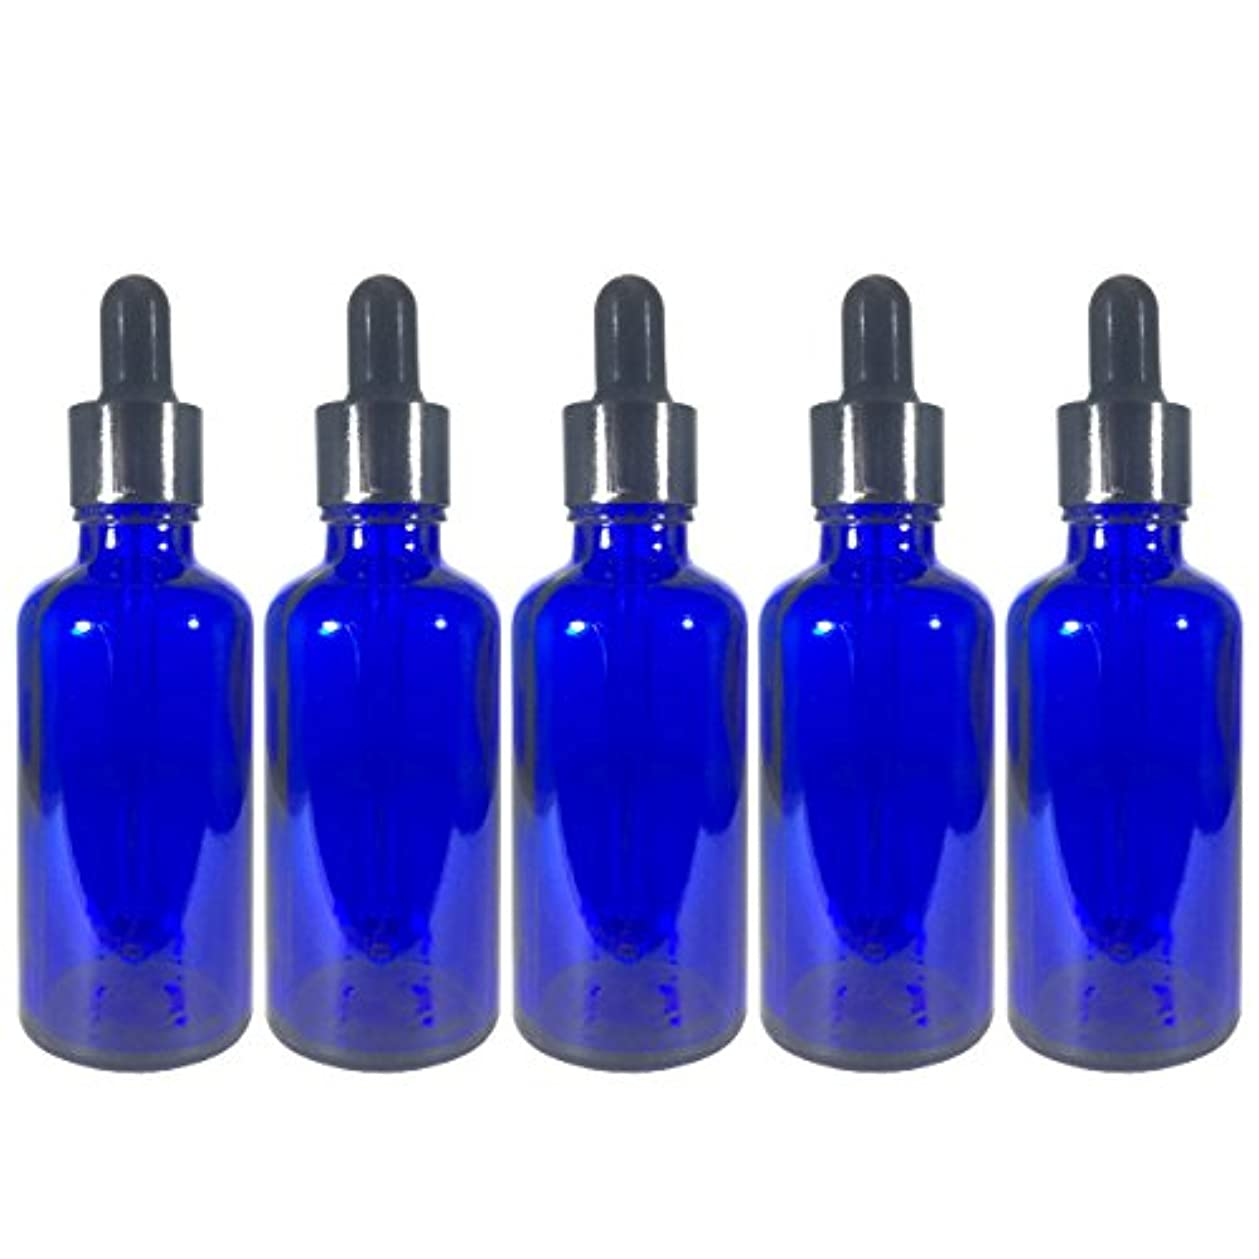 スポイト 付き 遮光瓶 5本セット ガラス製 アロマオイル エッセンシャルオイル アロマ 遮光ビン 保存用 精油 ガラスボトル 保存容器詰め替え 青色 ブルー (50ml?5本)